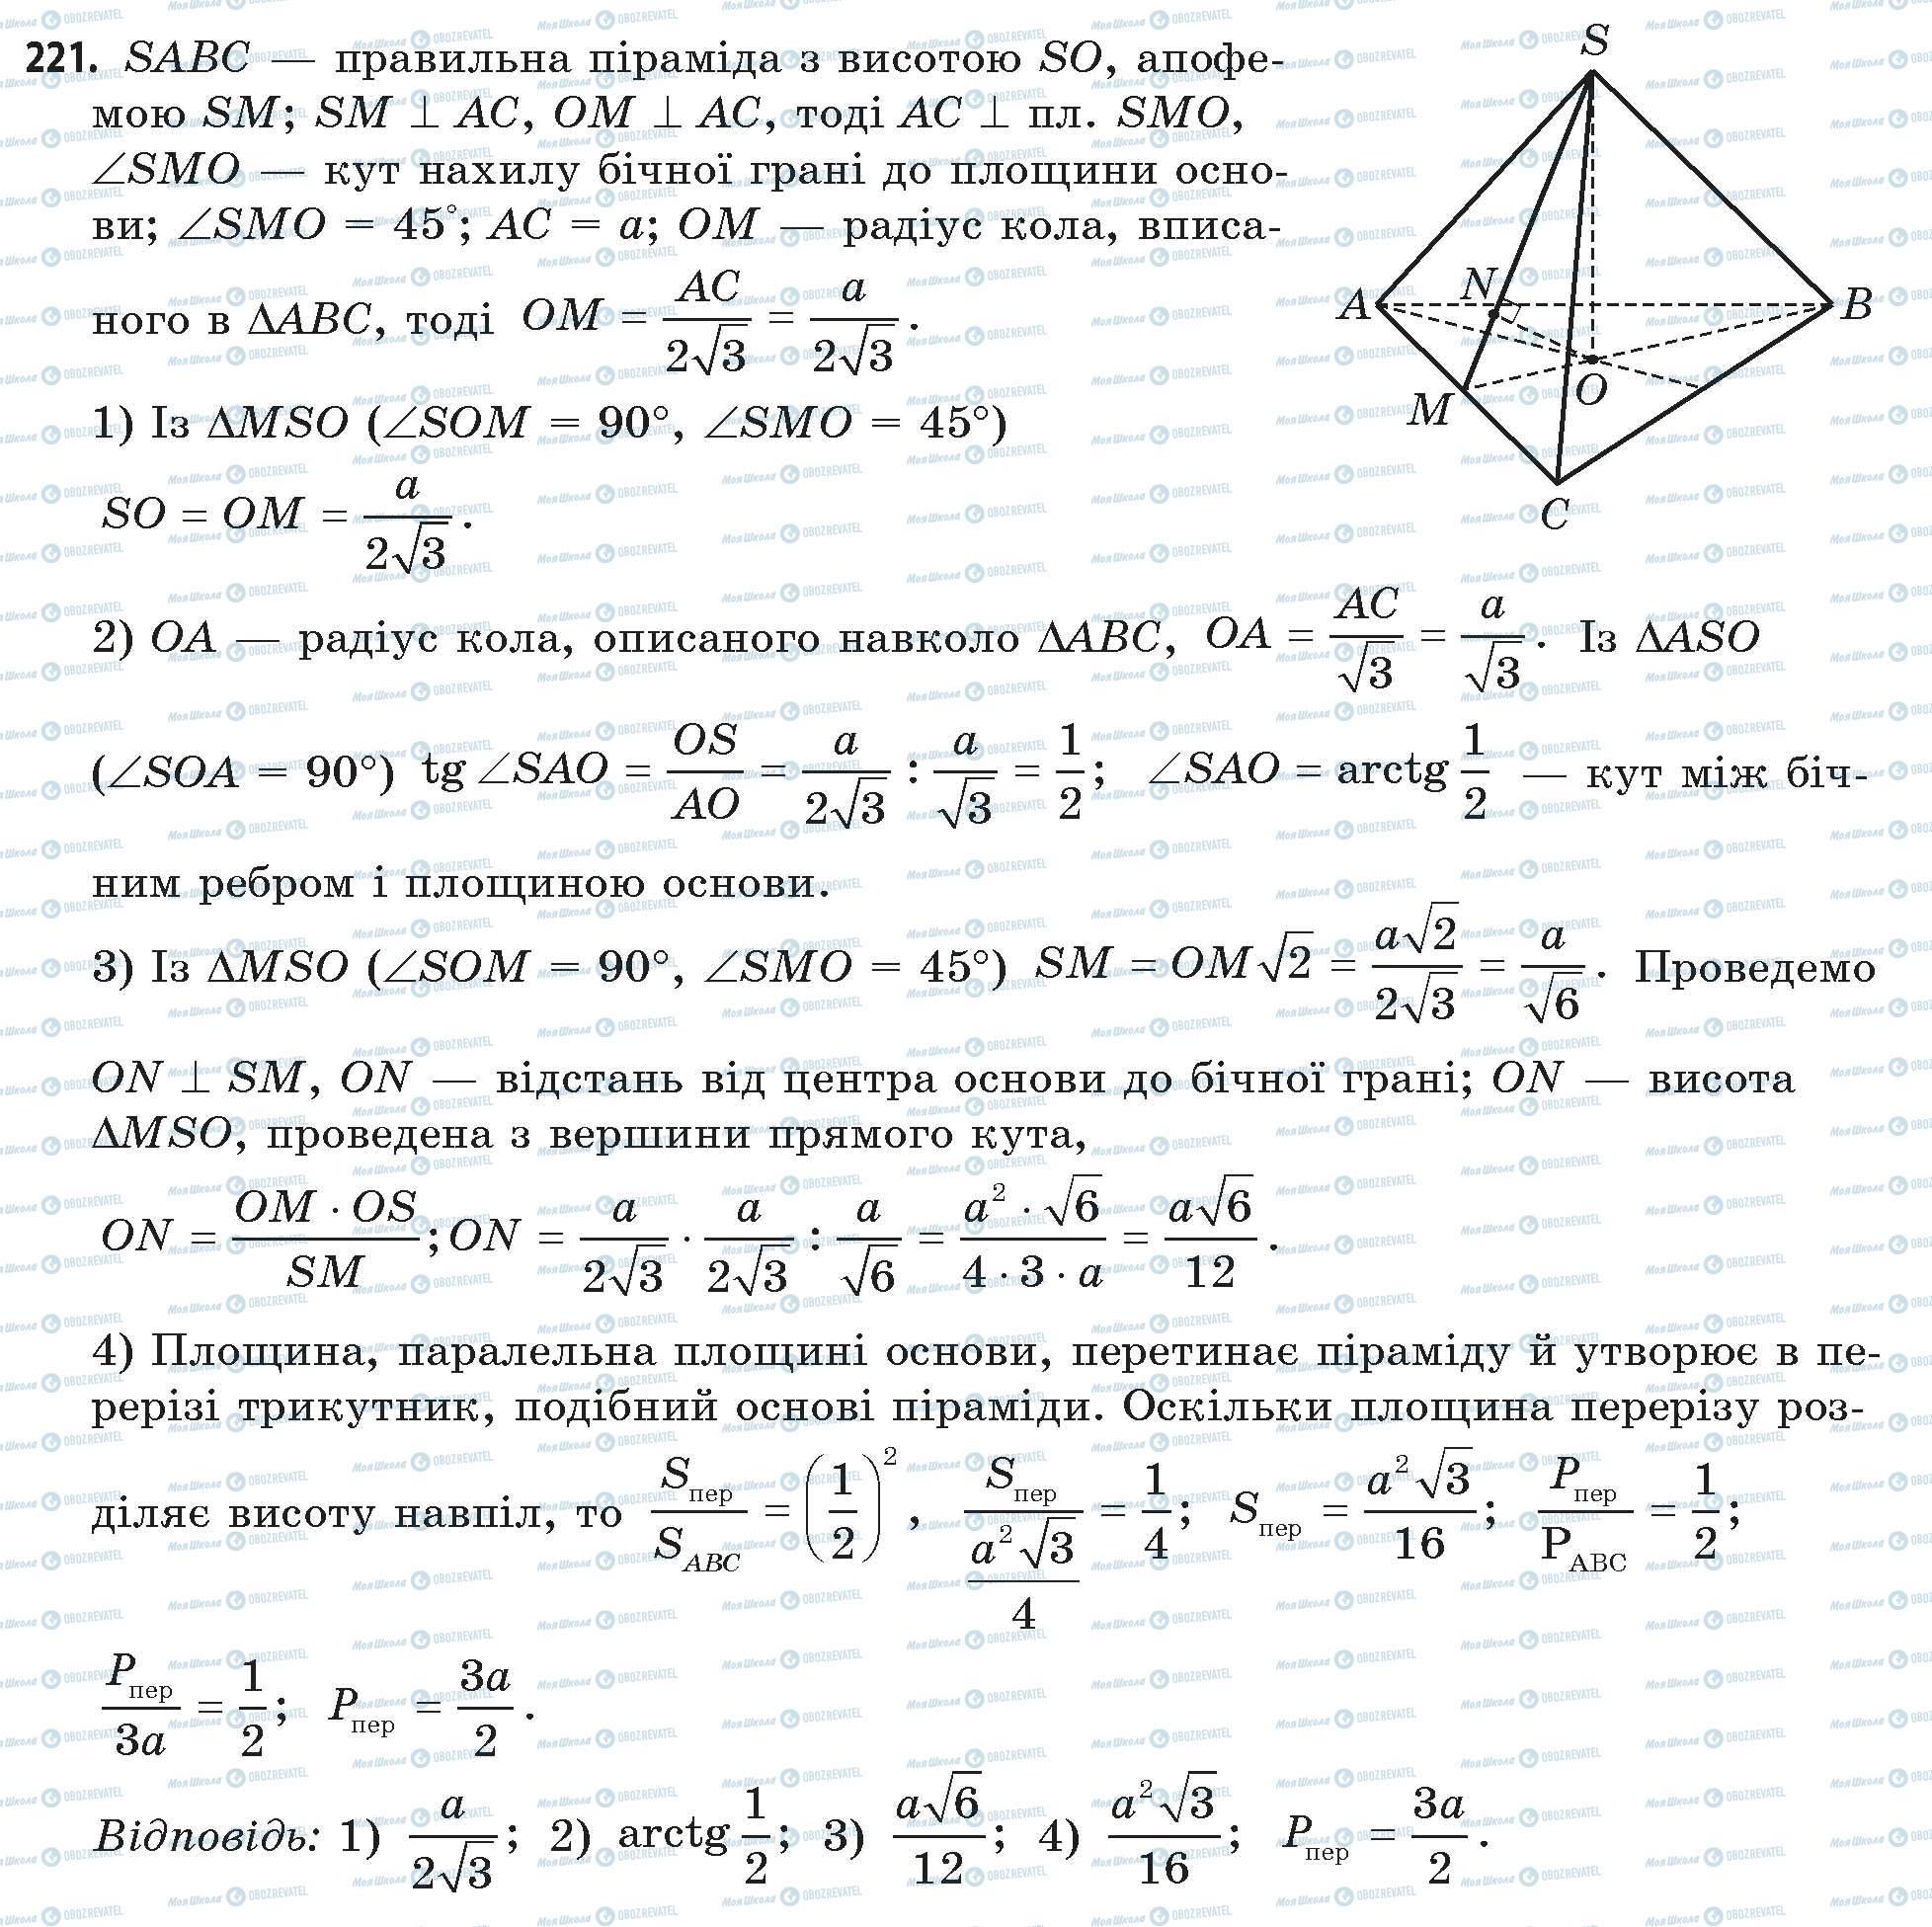 ГДЗ Математика 11 клас сторінка 221